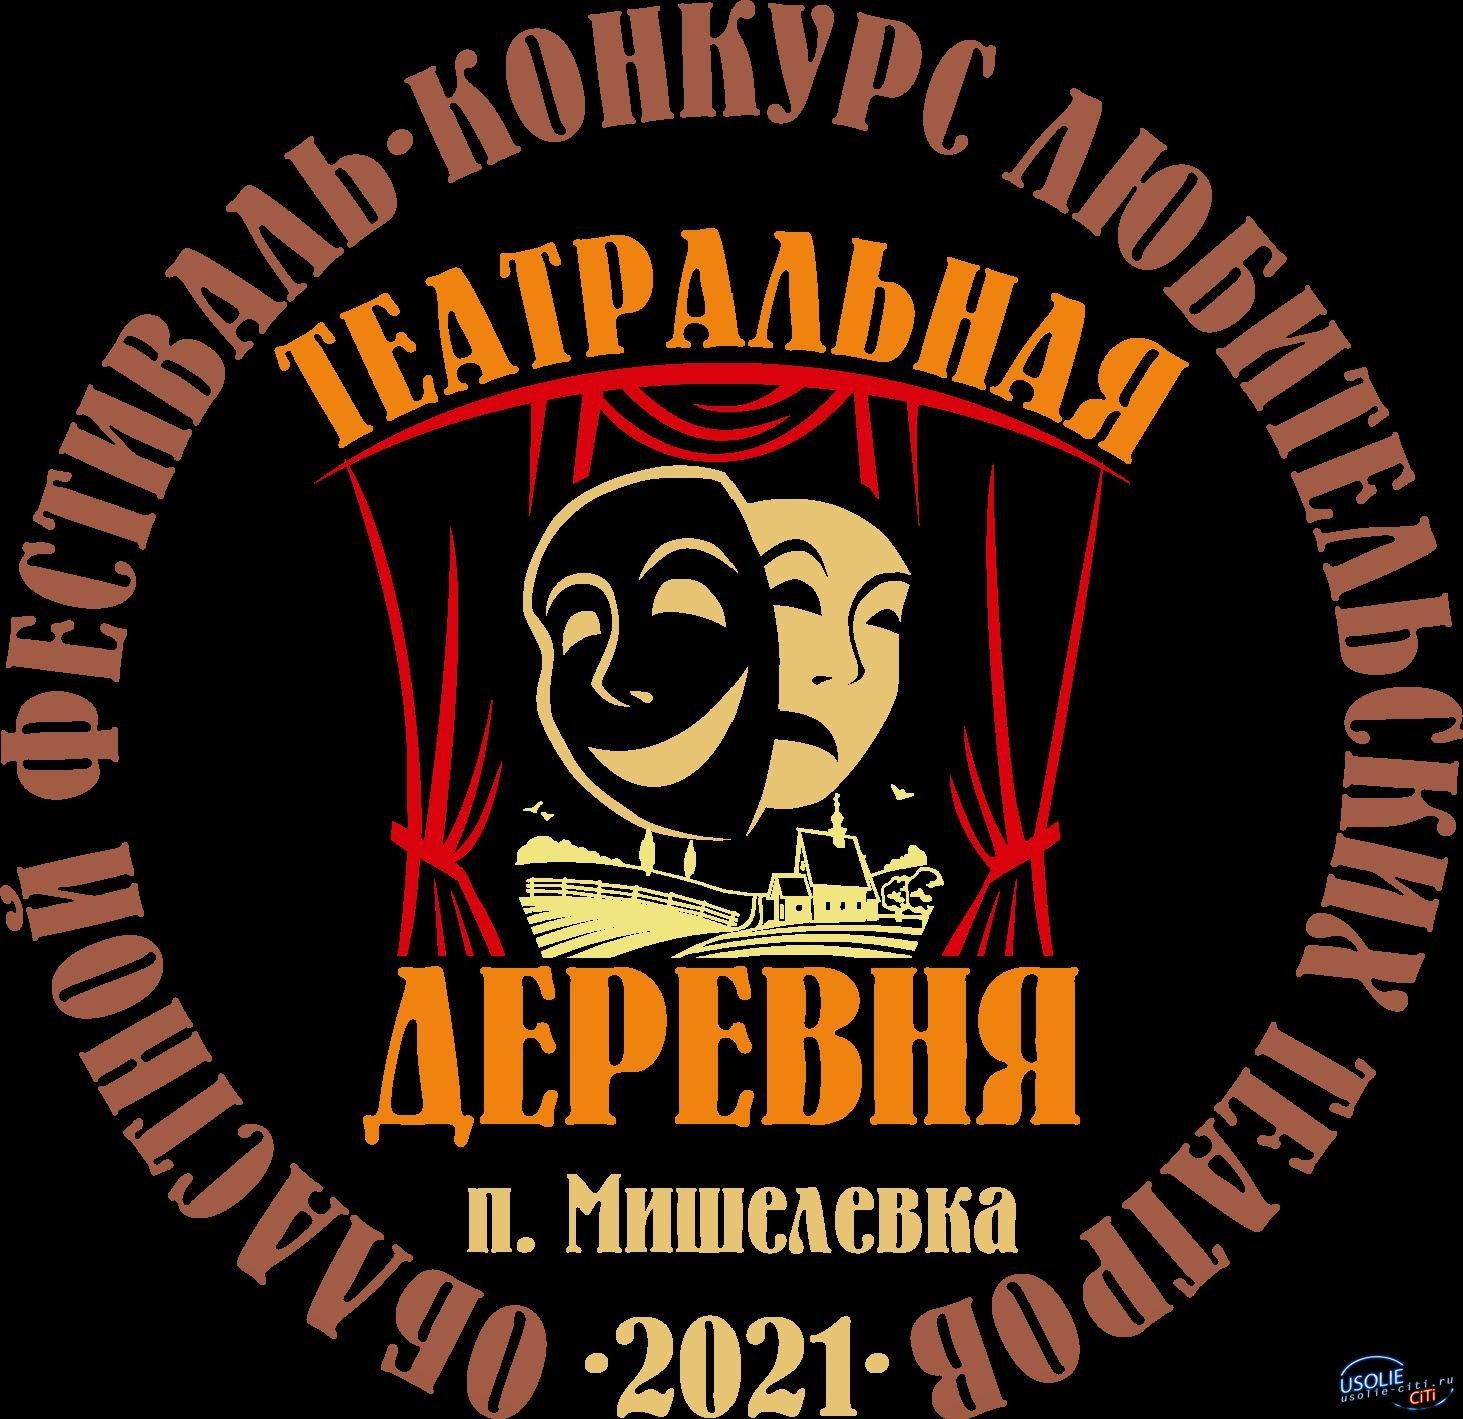 В Мишелёвку Усольского района съедутся театральные коллективы области